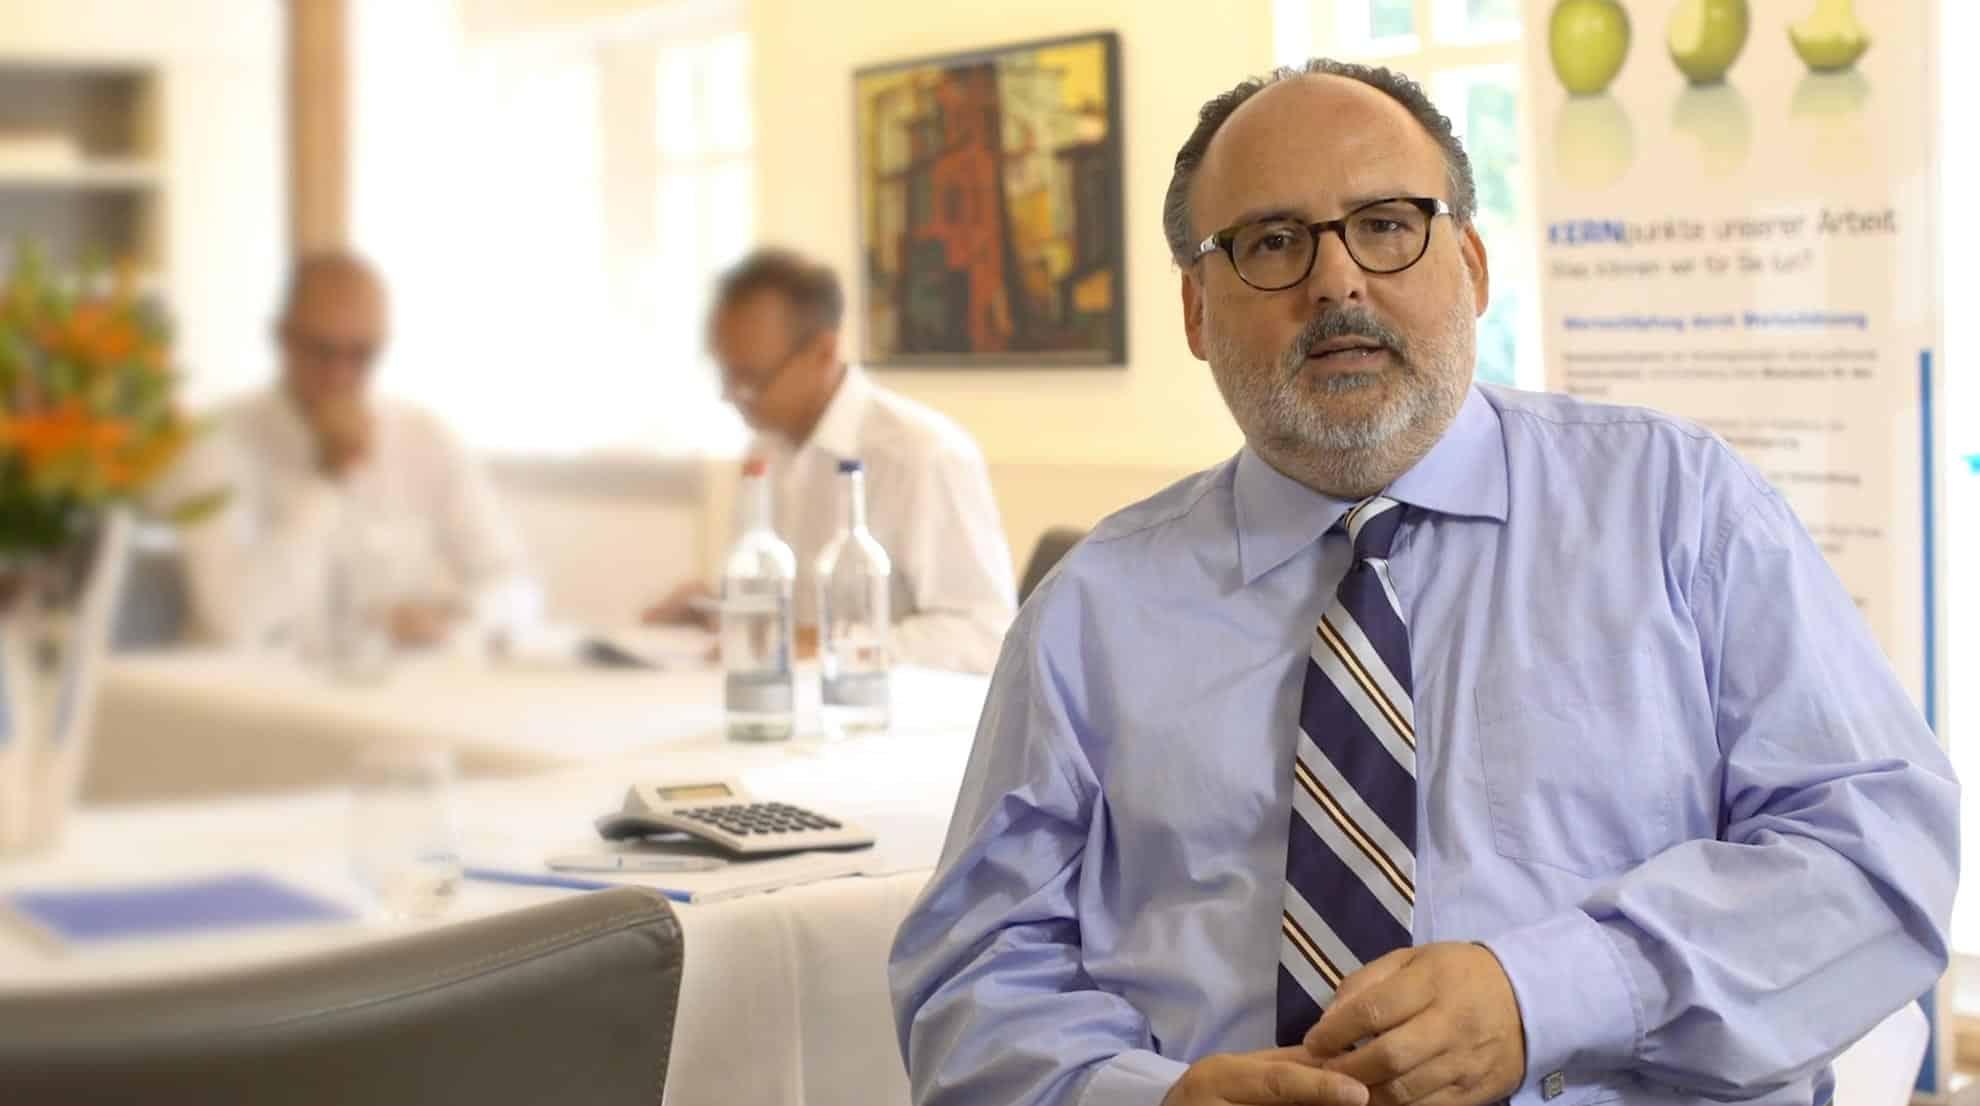 Założyciel i specjalista firmy KERN Nils Koerber siedzi przy stole